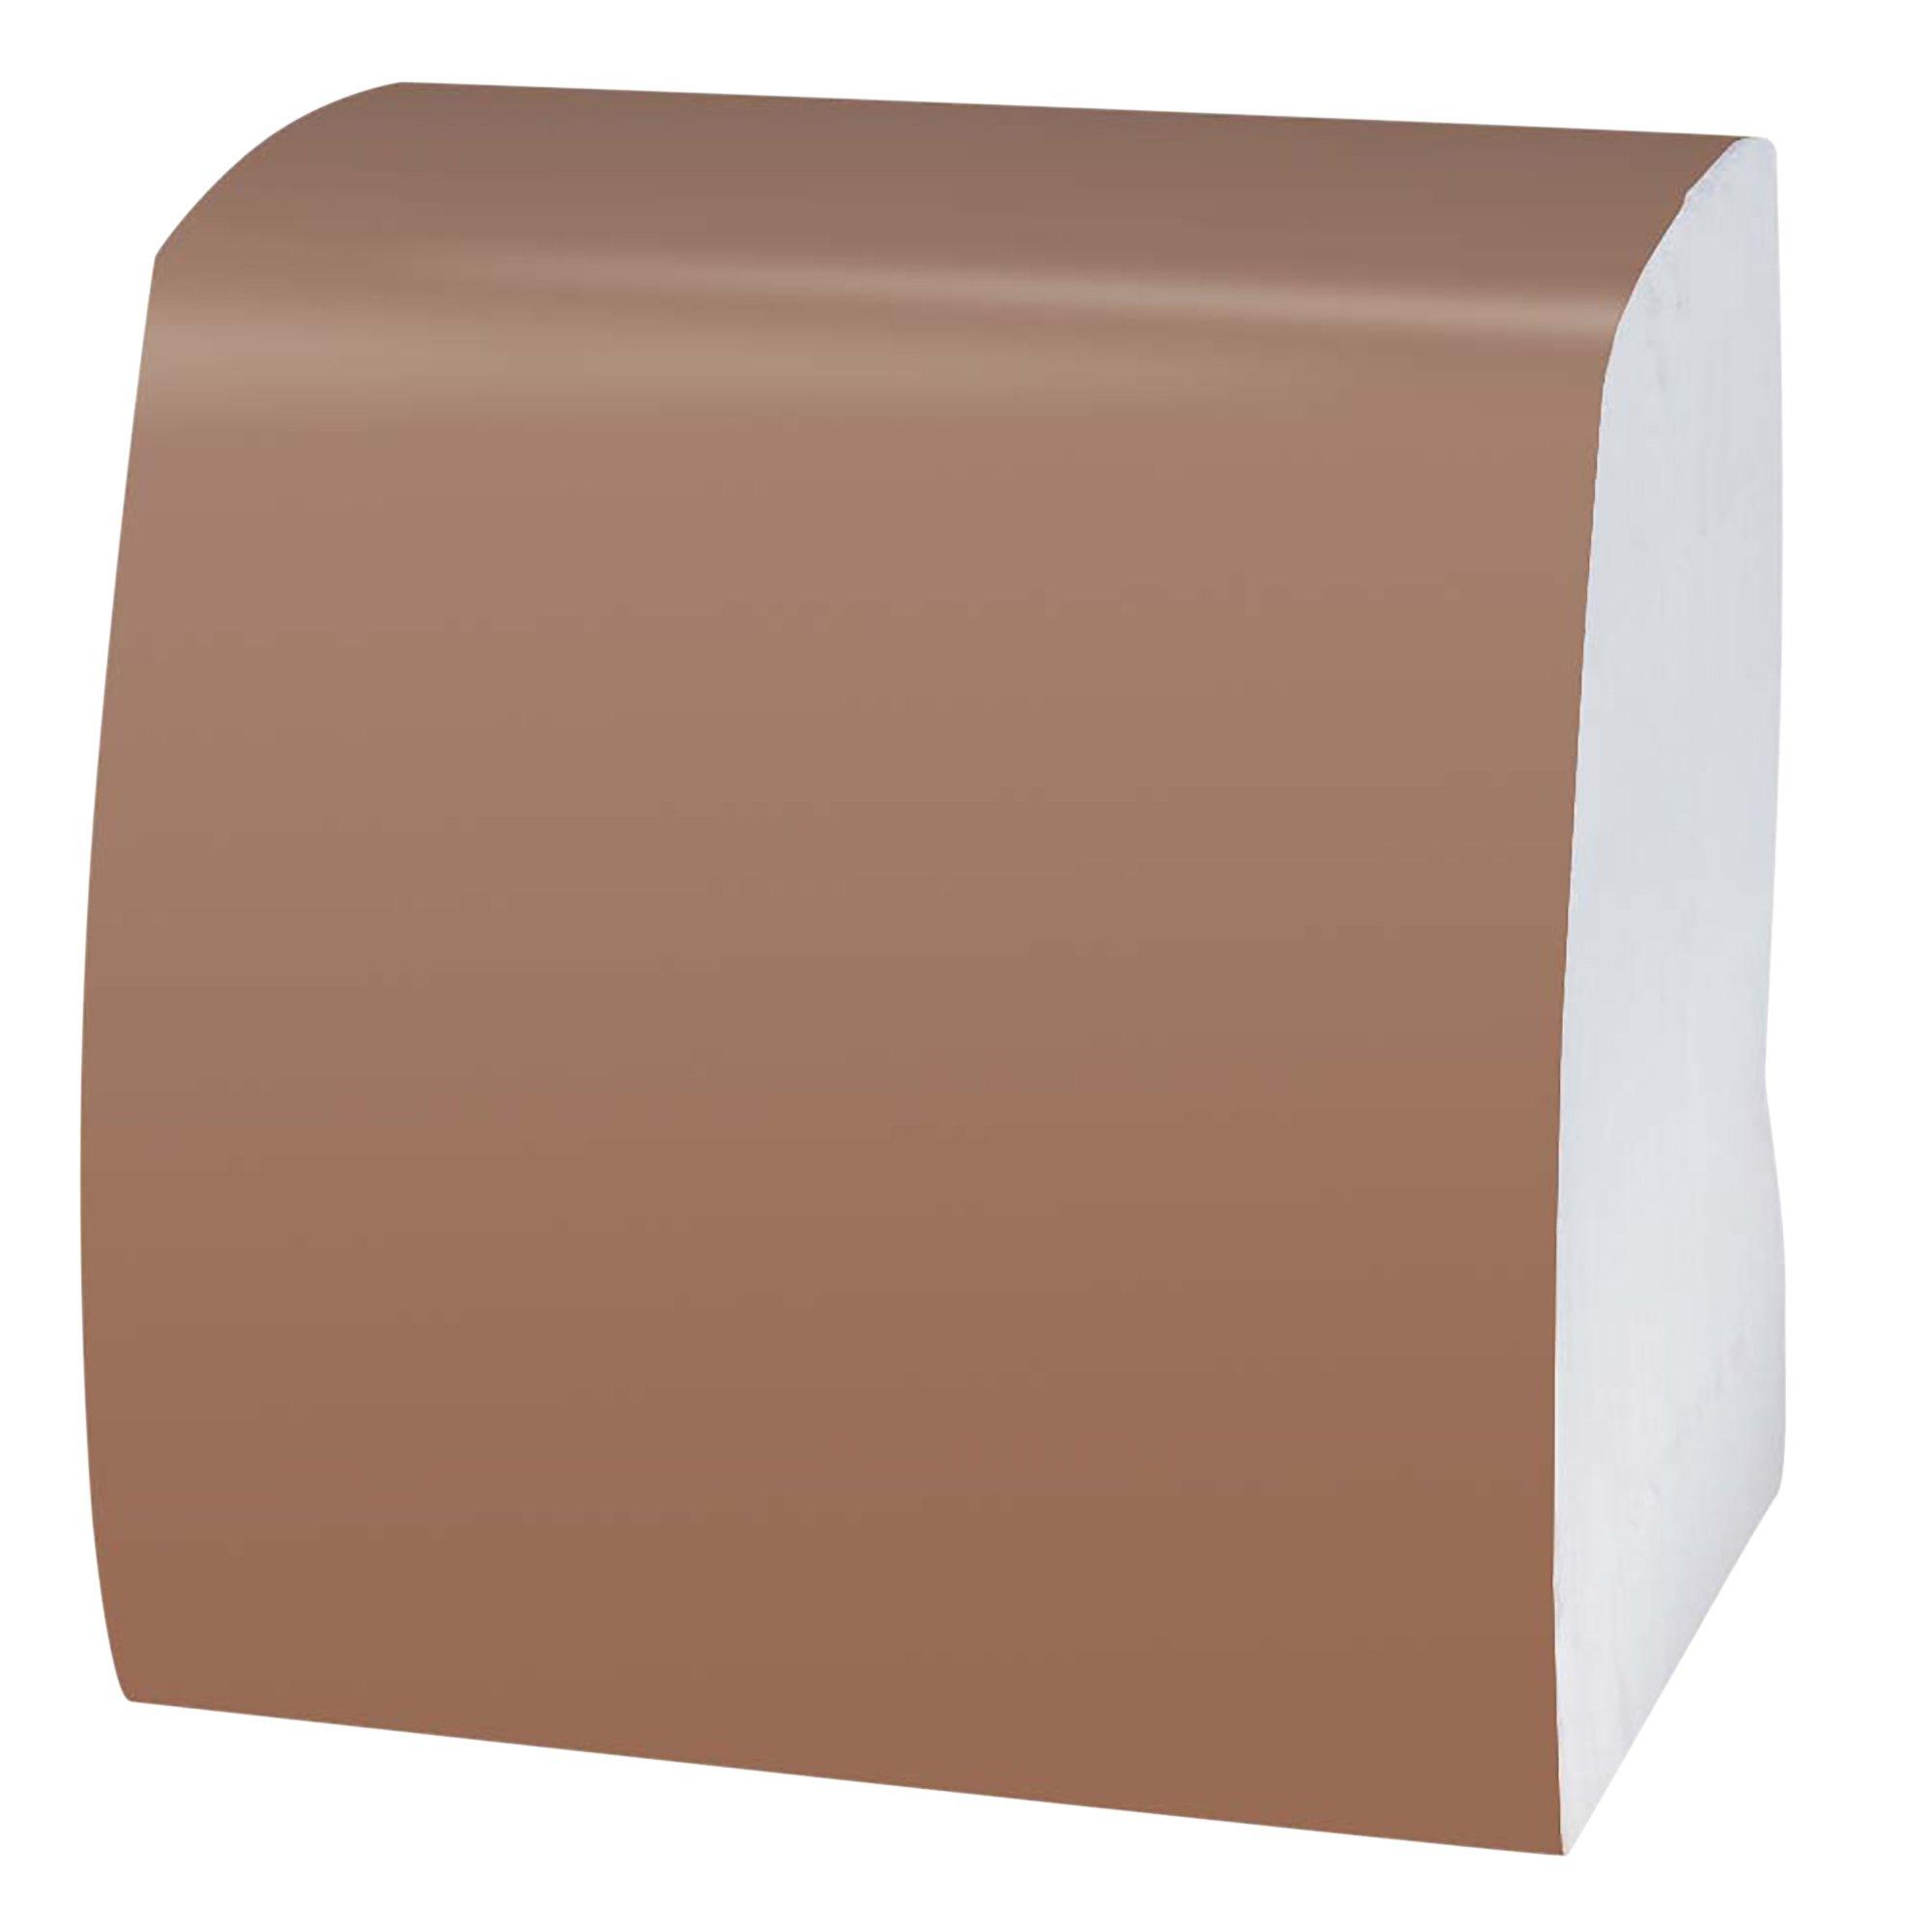 """Scott Paper Dinner Napkins (98171), White, 1/4 Fold, 16.75"""" x 17"""" Unfolded, 16 Packs of 250 Disposable Napkins (4,000 / Case)"""